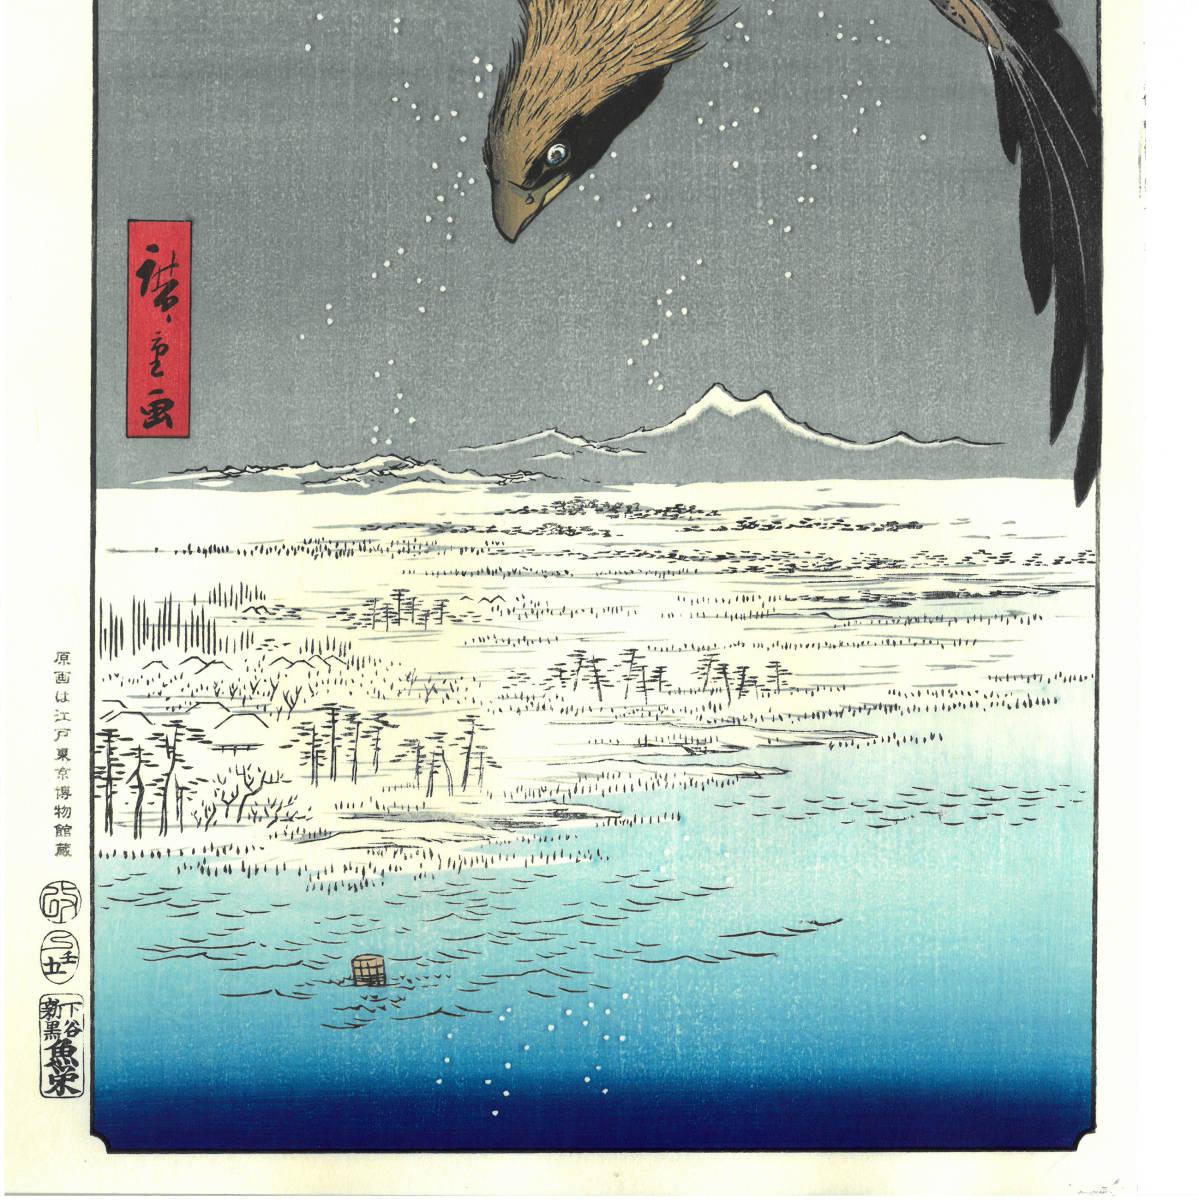 歌川広重 (Utagawa Hiroshige) 木版画 江戸百景 #108. 深川州崎十万坪  初版1856-58年頃  広重の木版画の真の素晴らしさをご堪能下さい! _画像4